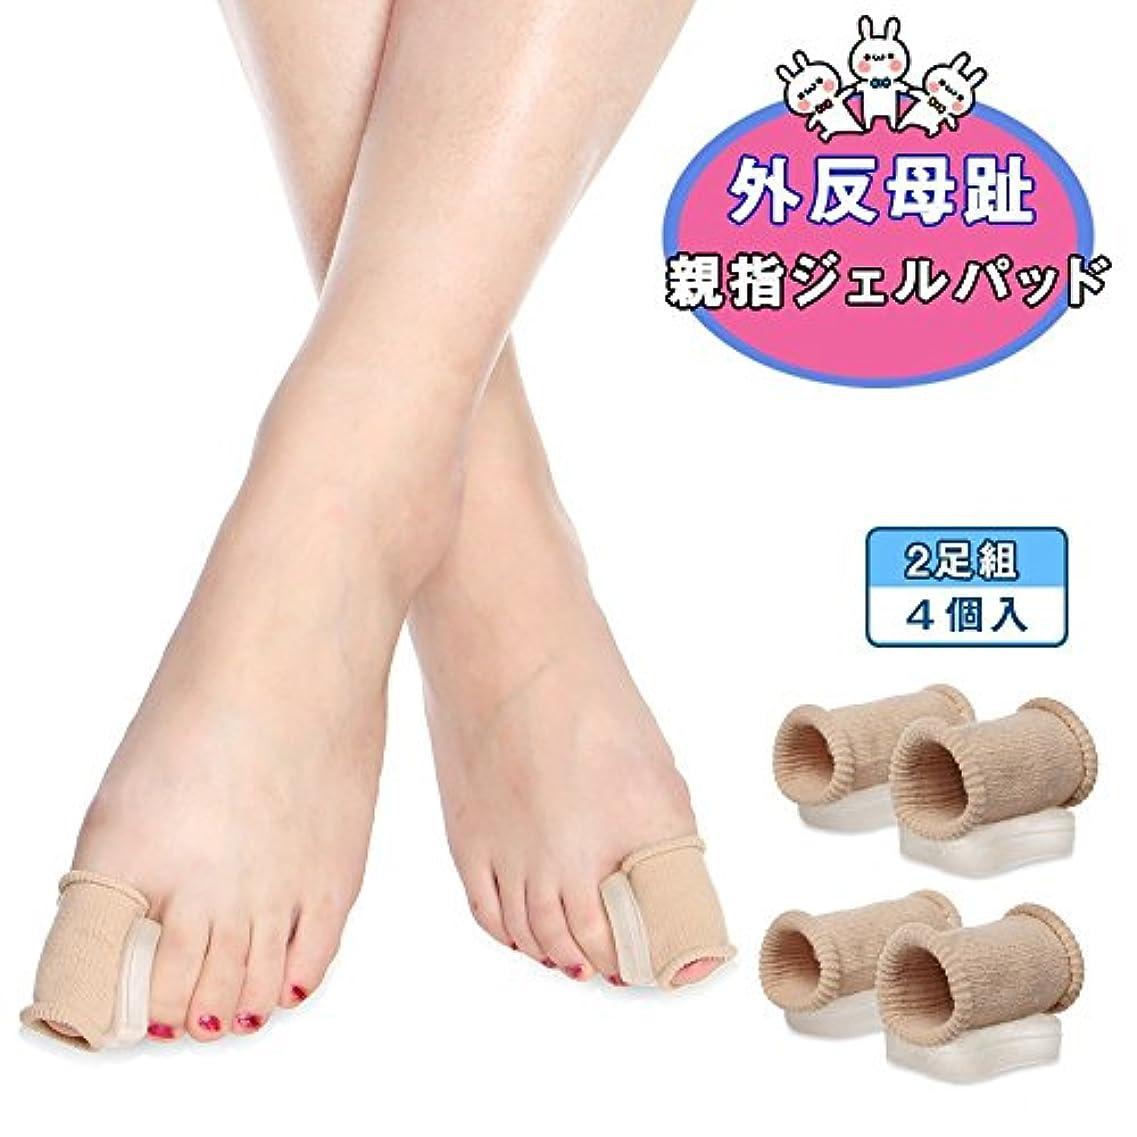 移植大学意志Lucktao 親指ジェルパッド, 外反母趾サポーター 指間ジェルパッド つま先矯正 足用保護パッド 足指セパレーター 親指曲がりの緩和 足指サポーター 4個入り